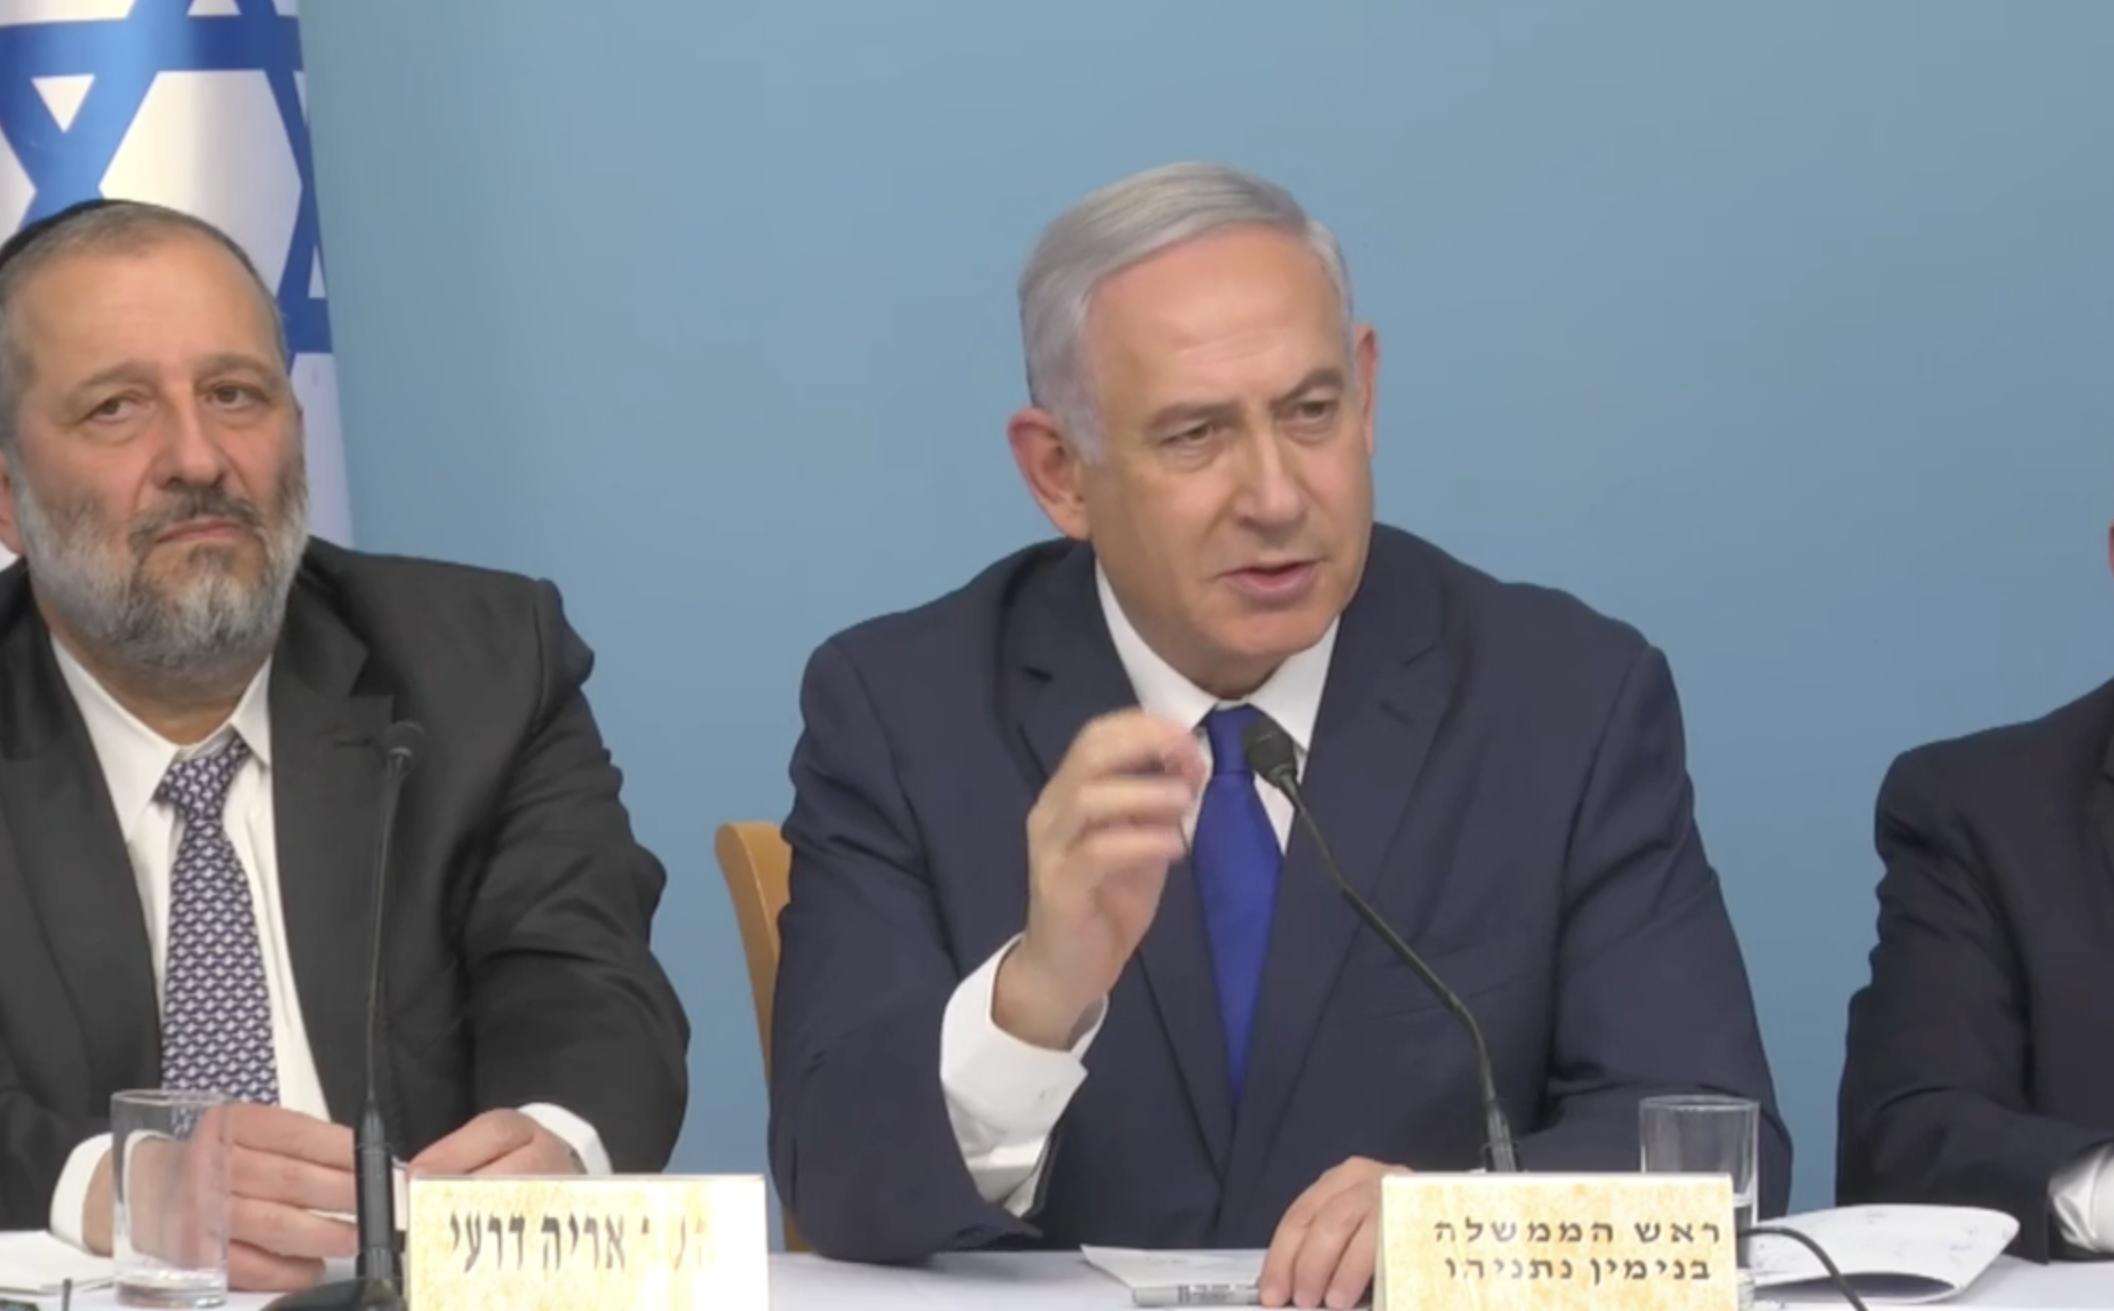 נתניהו: ״שמעתי הערות רבות והחלטתי לבטל את ההסכם״